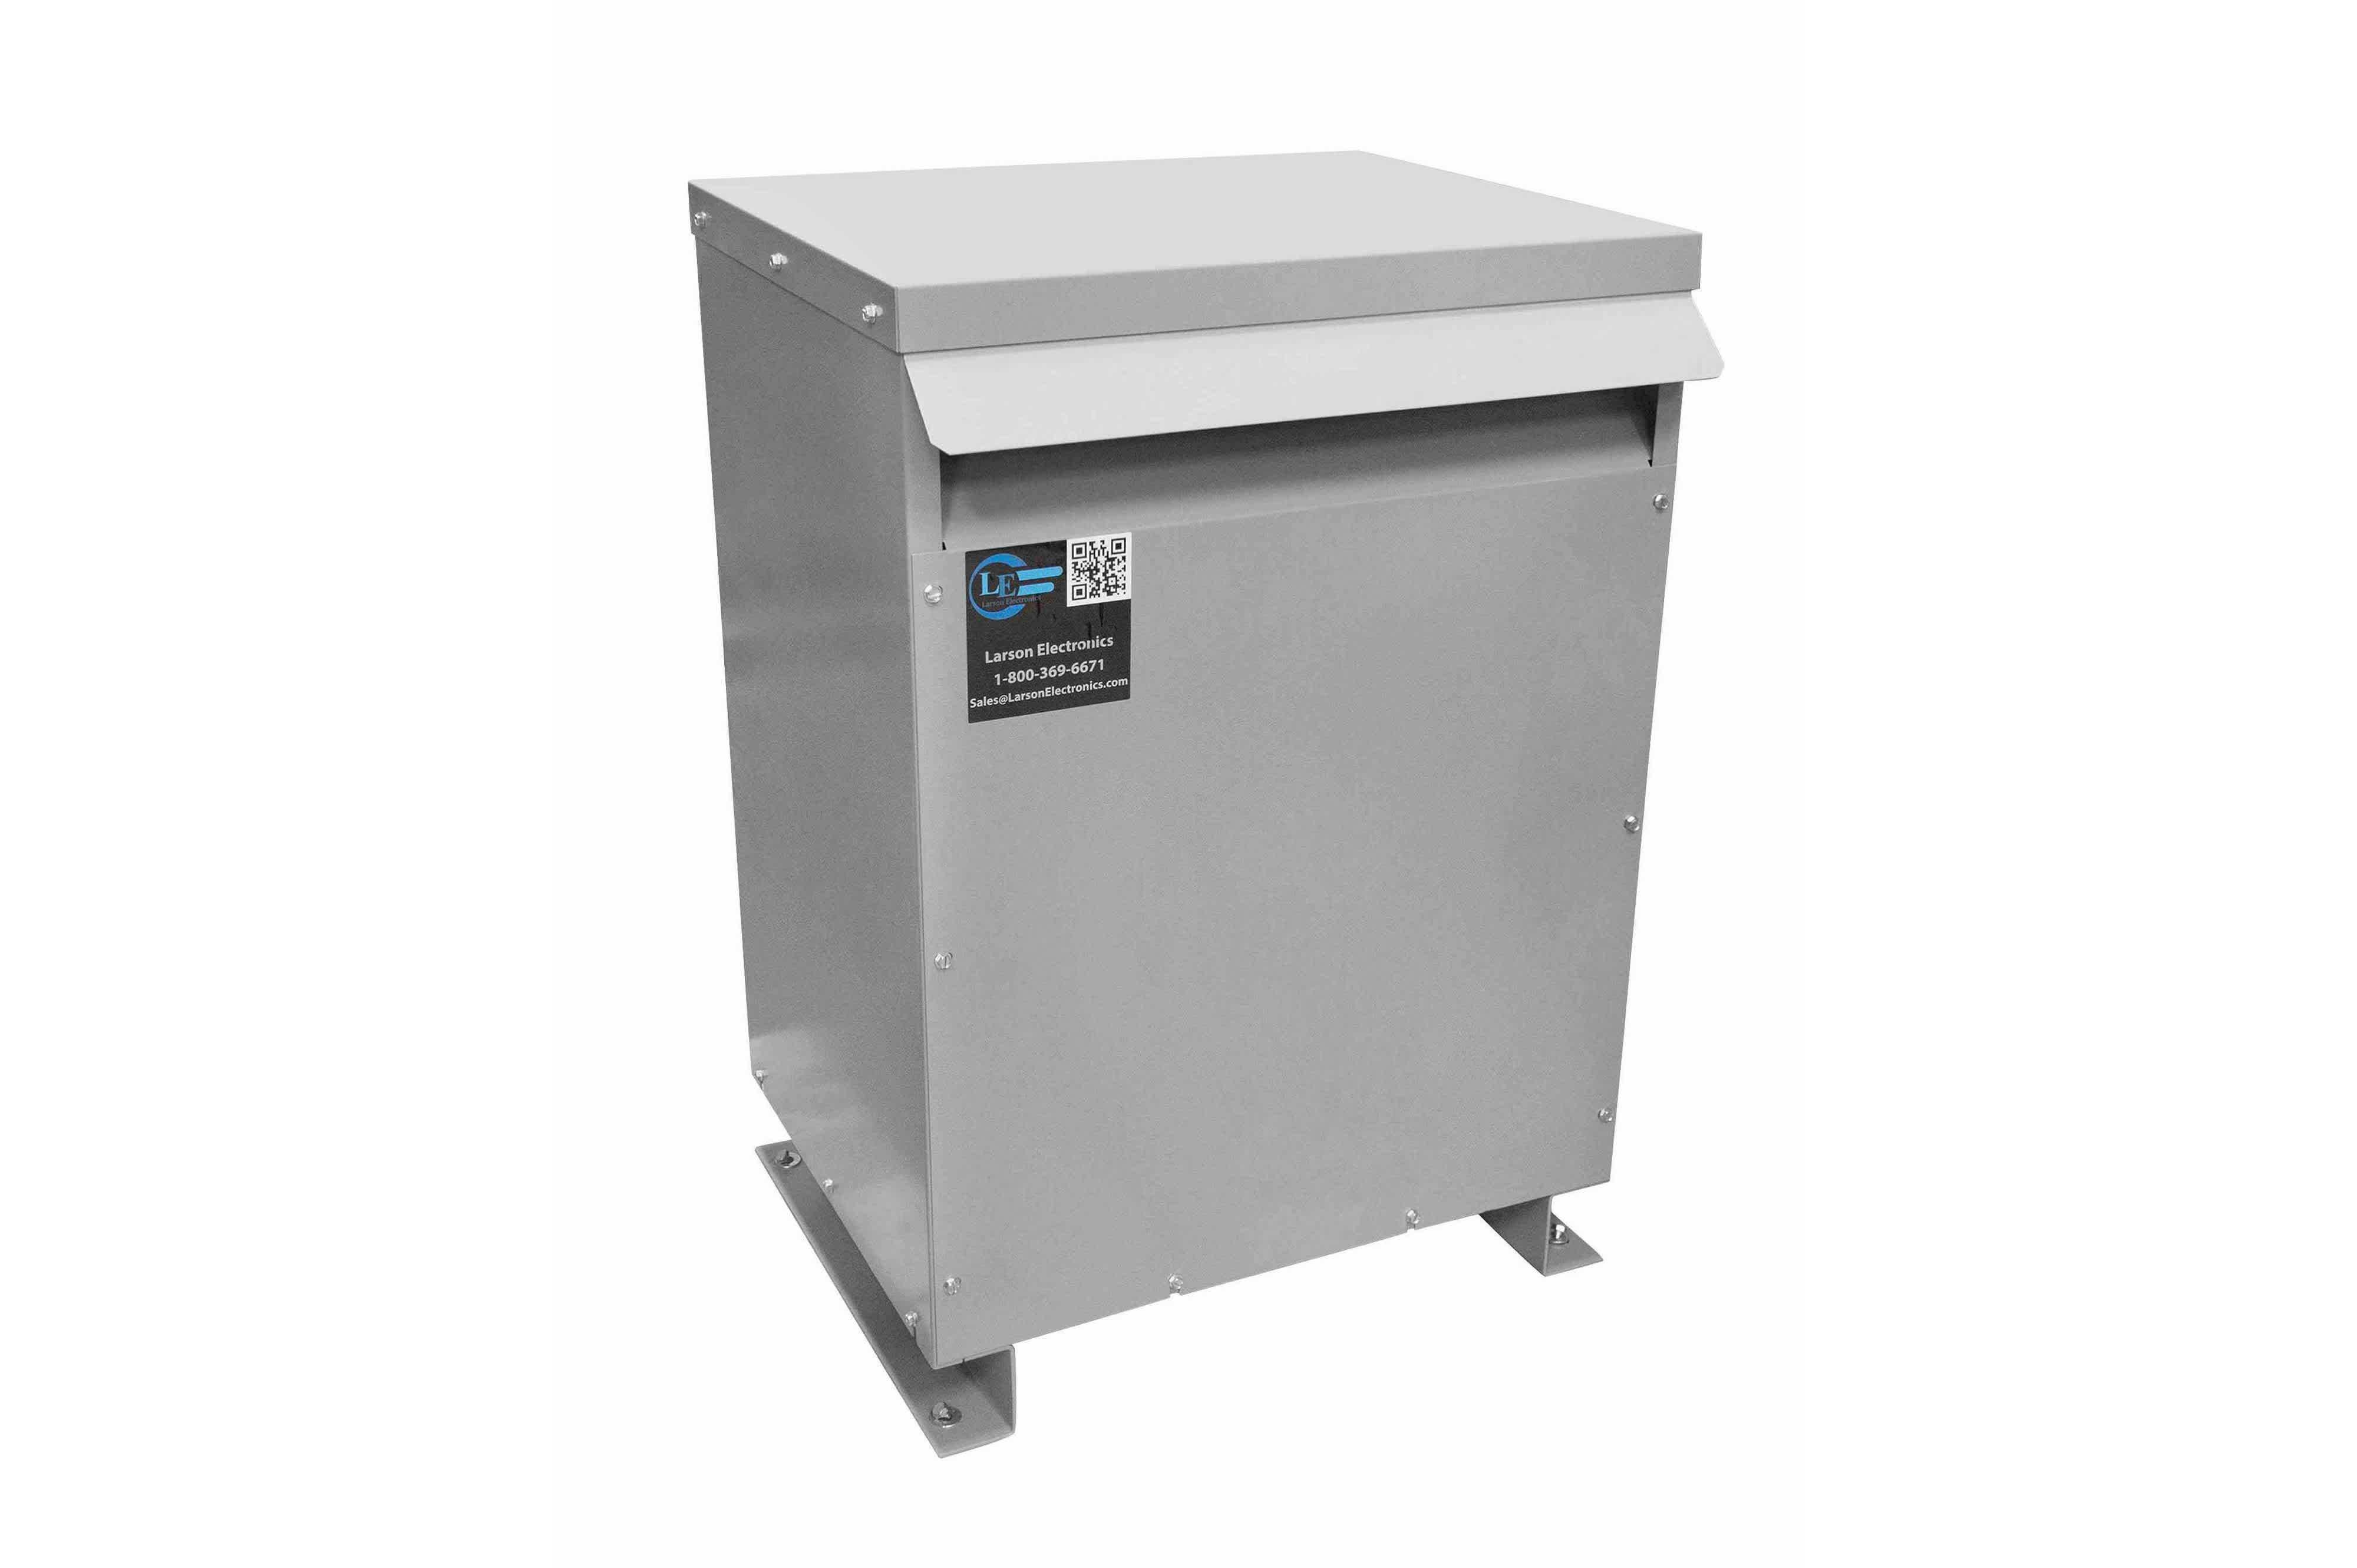 28 kVA 3PH Isolation Transformer, 480V Delta Primary, 400V Delta Secondary, N3R, Ventilated, 60 Hz